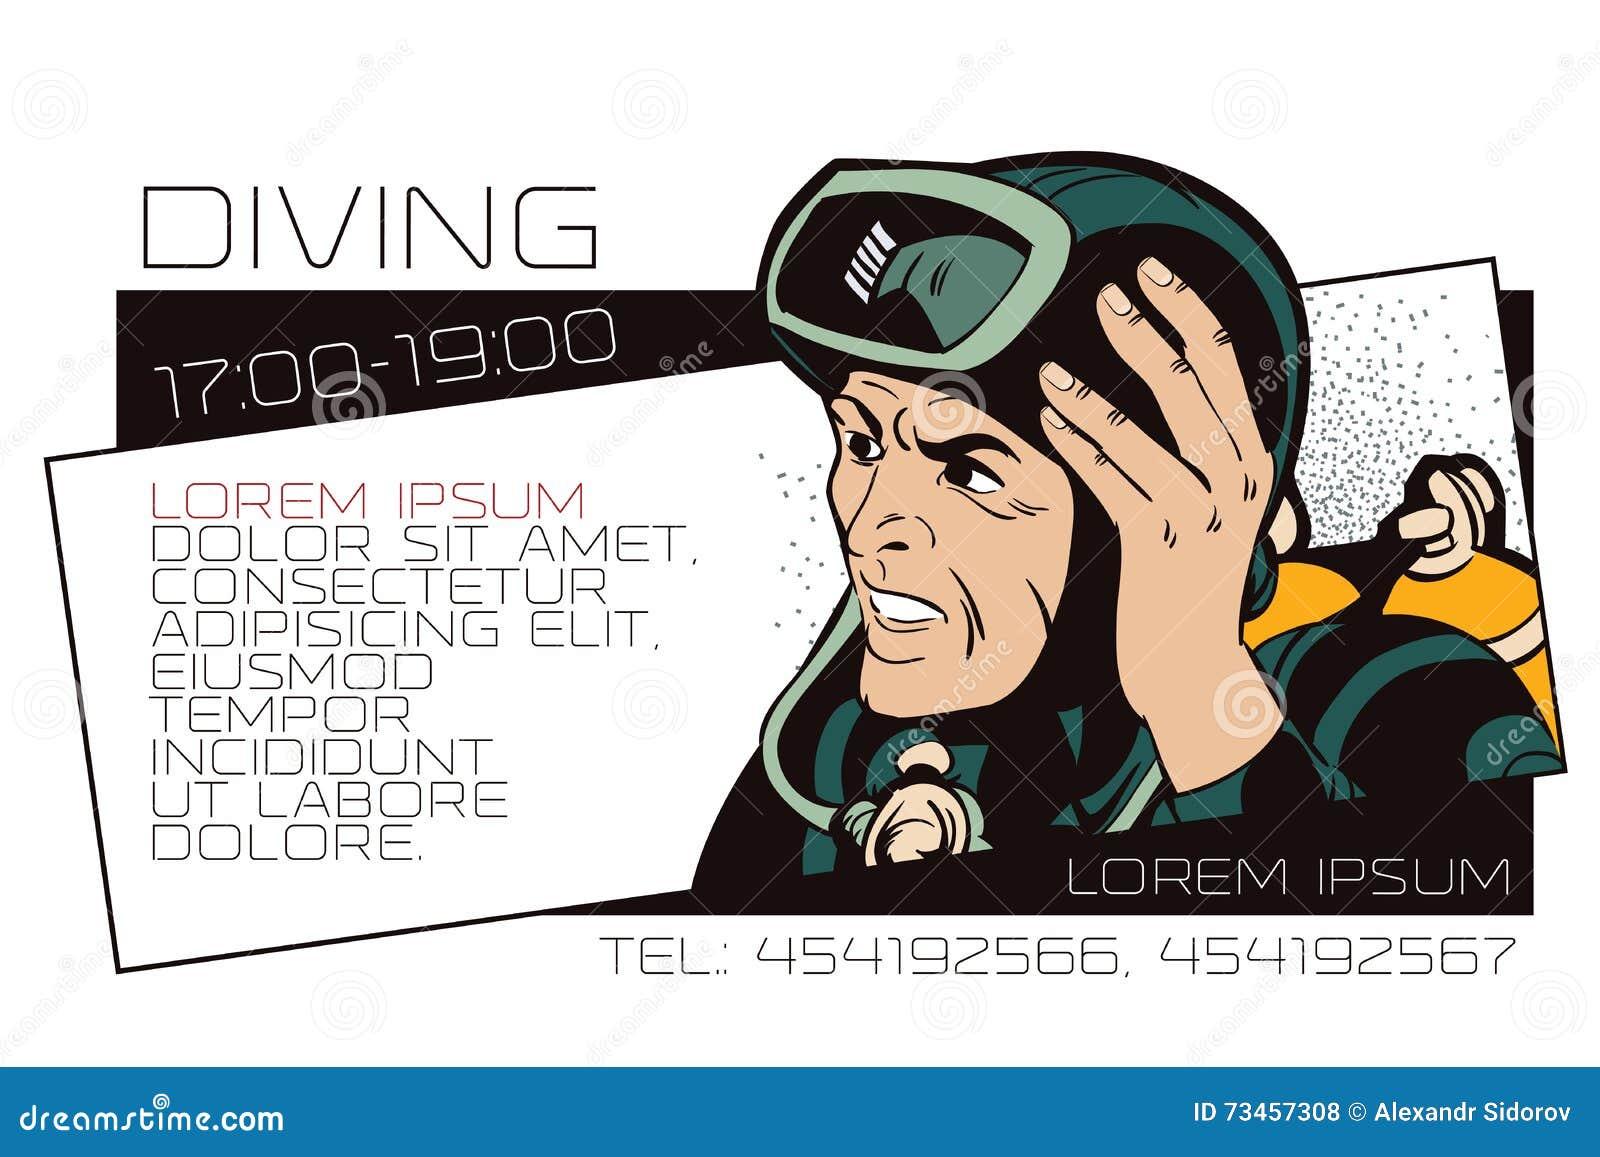 Illustration Courante Les Gens Dans Le Rtro Art De Bruit Style Et La Publicit Vintage Plongeur Annonces Calibre Ou Carte Visite